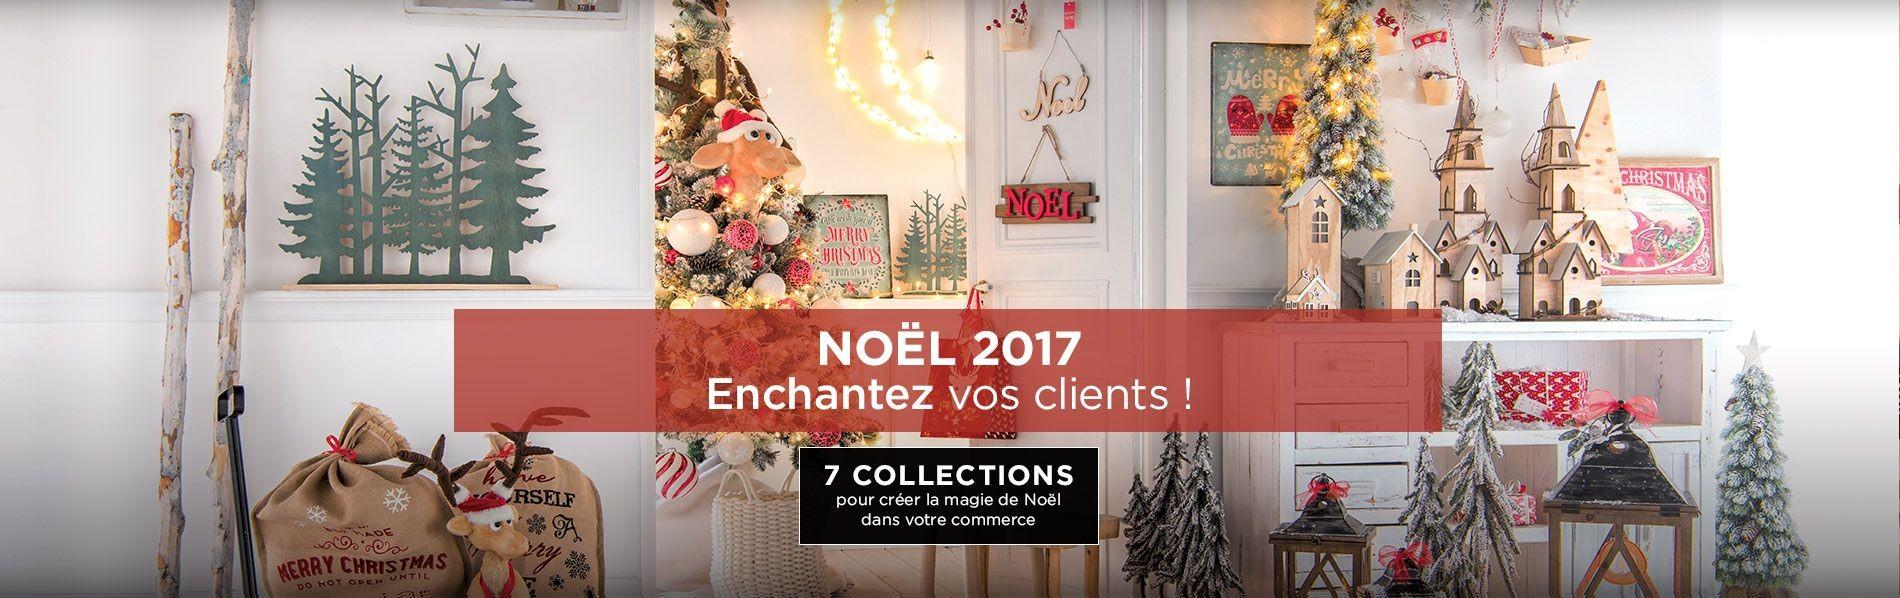 Decoration noel pour commerce